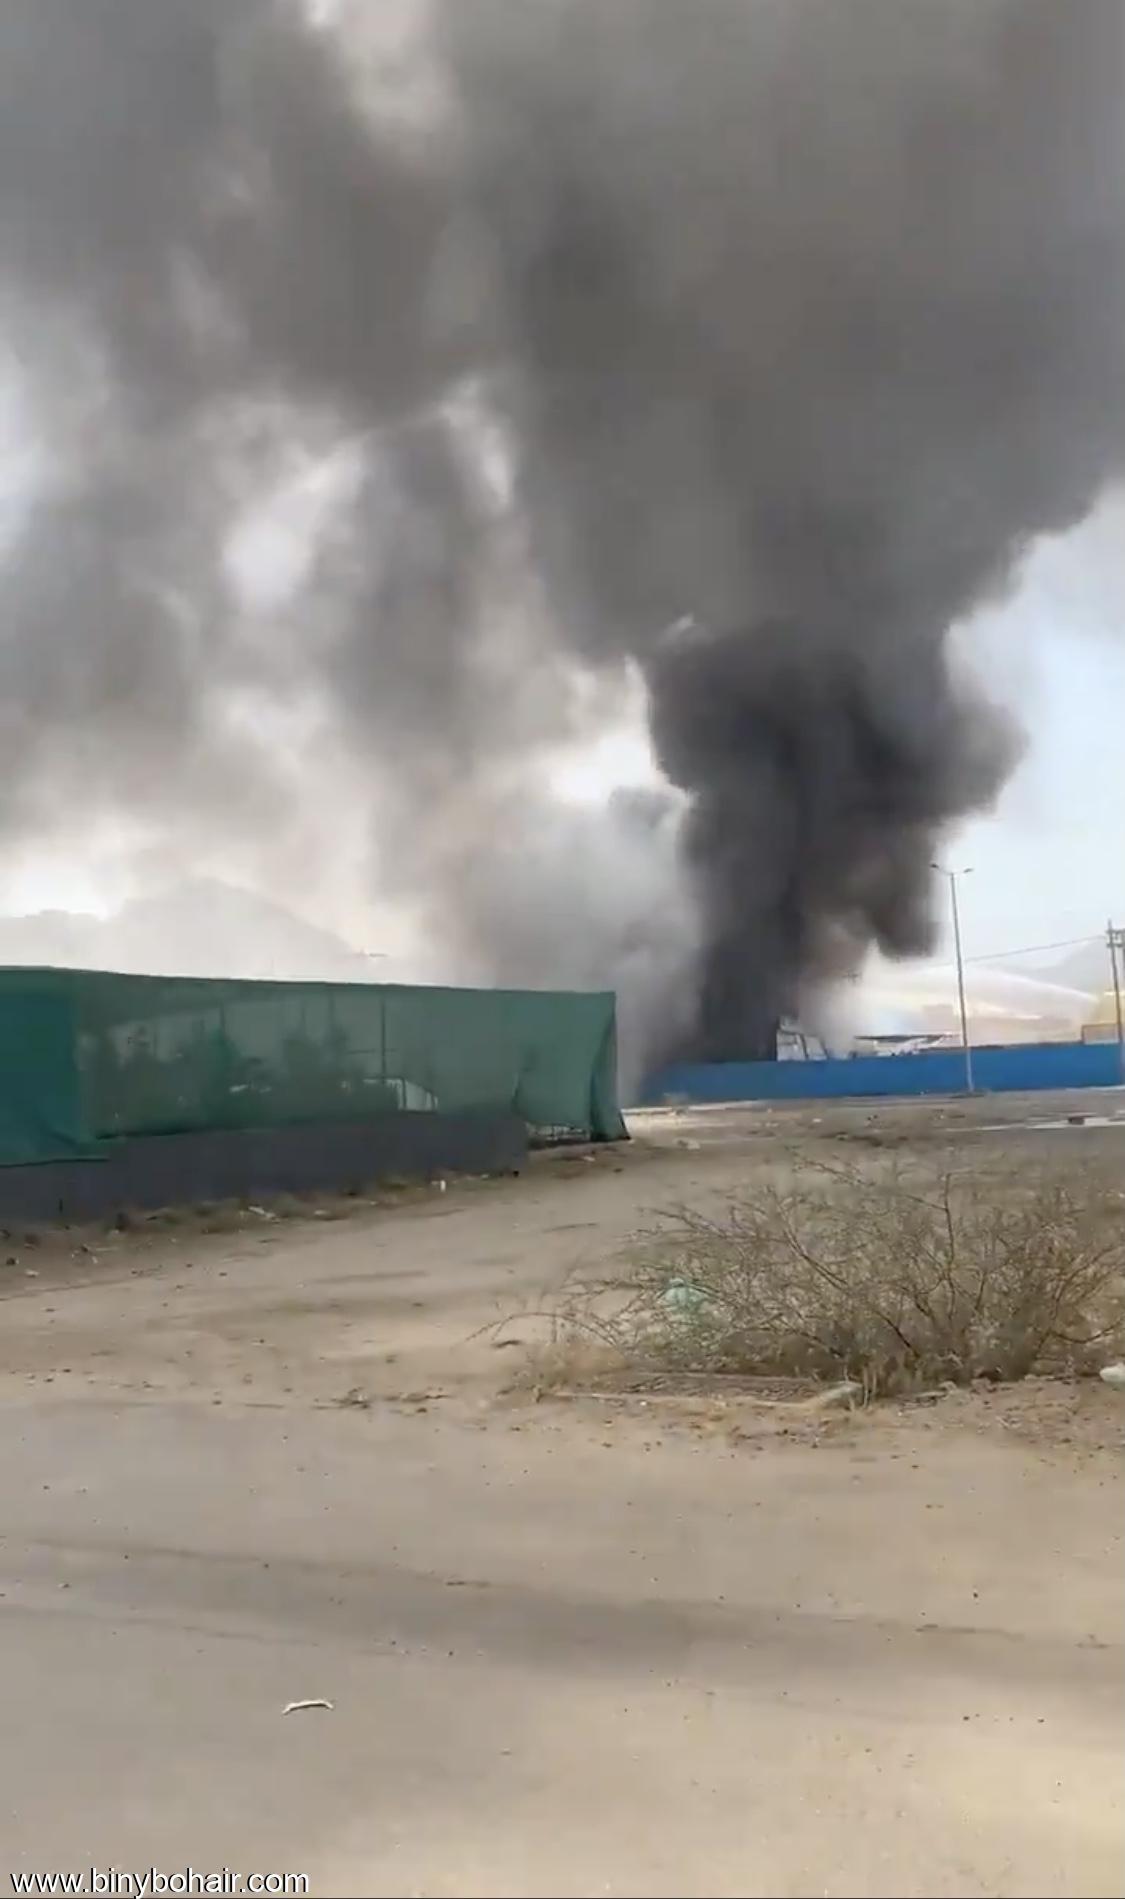 حريق داخل مهرجان نمره الترفيهي jvx65901.jpeg